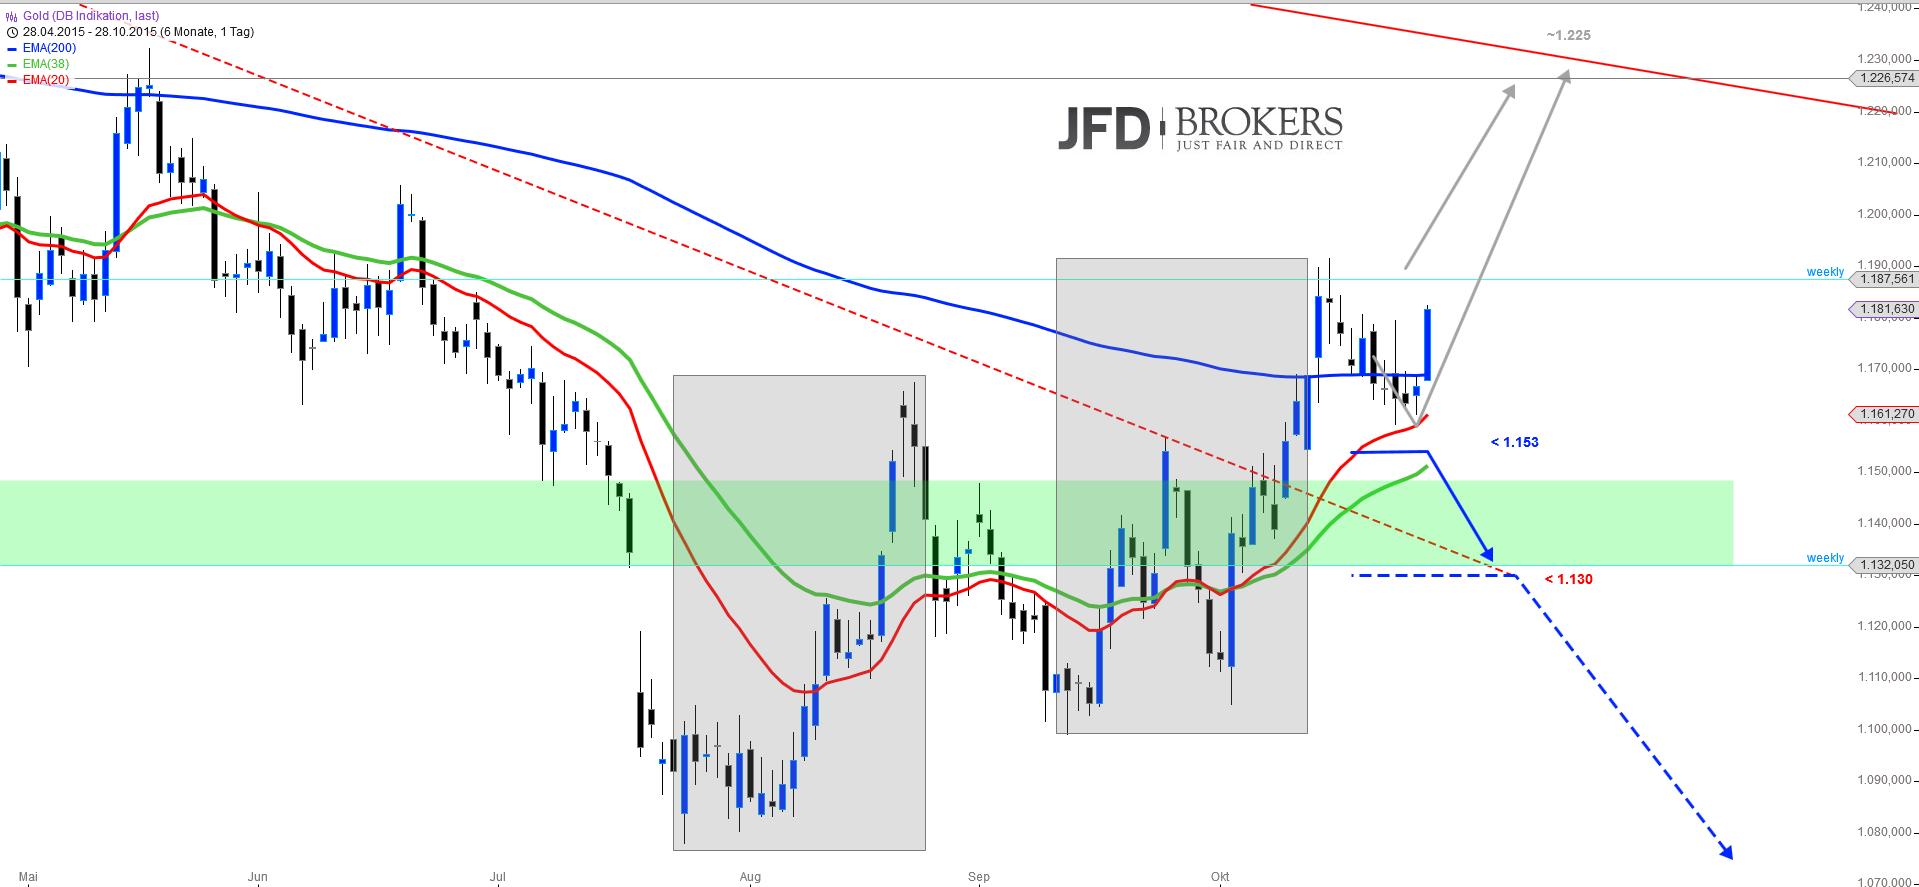 GOLD-Mit-Schwung-weiter-nach-oben-Kommentar-JFD-Brokers-GodmodeTrader.de-1